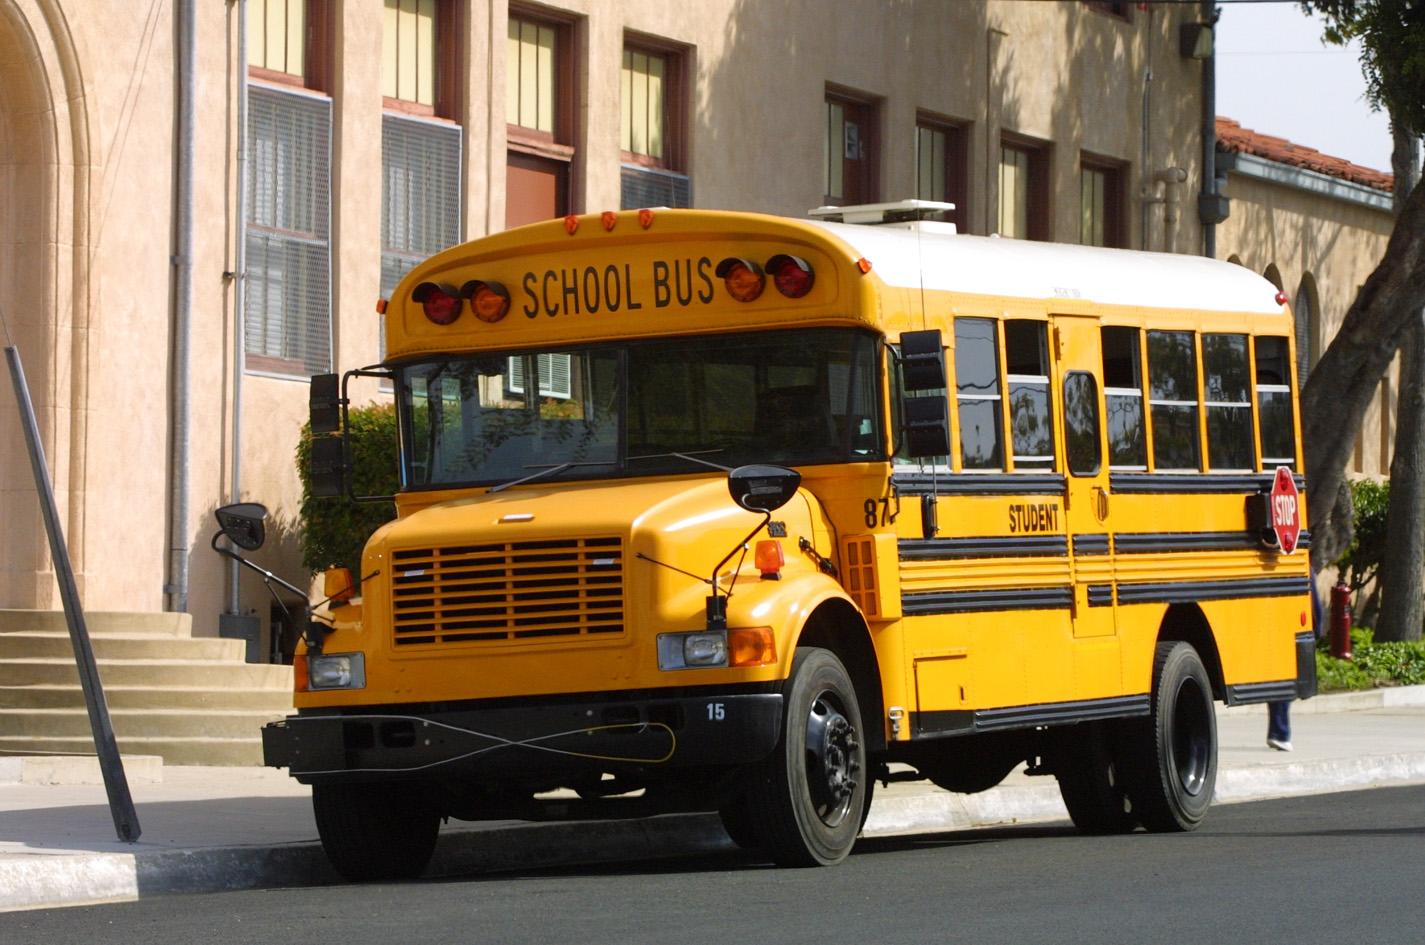 Schoolbus Pagenstecher De Deine Automeile Im Netz